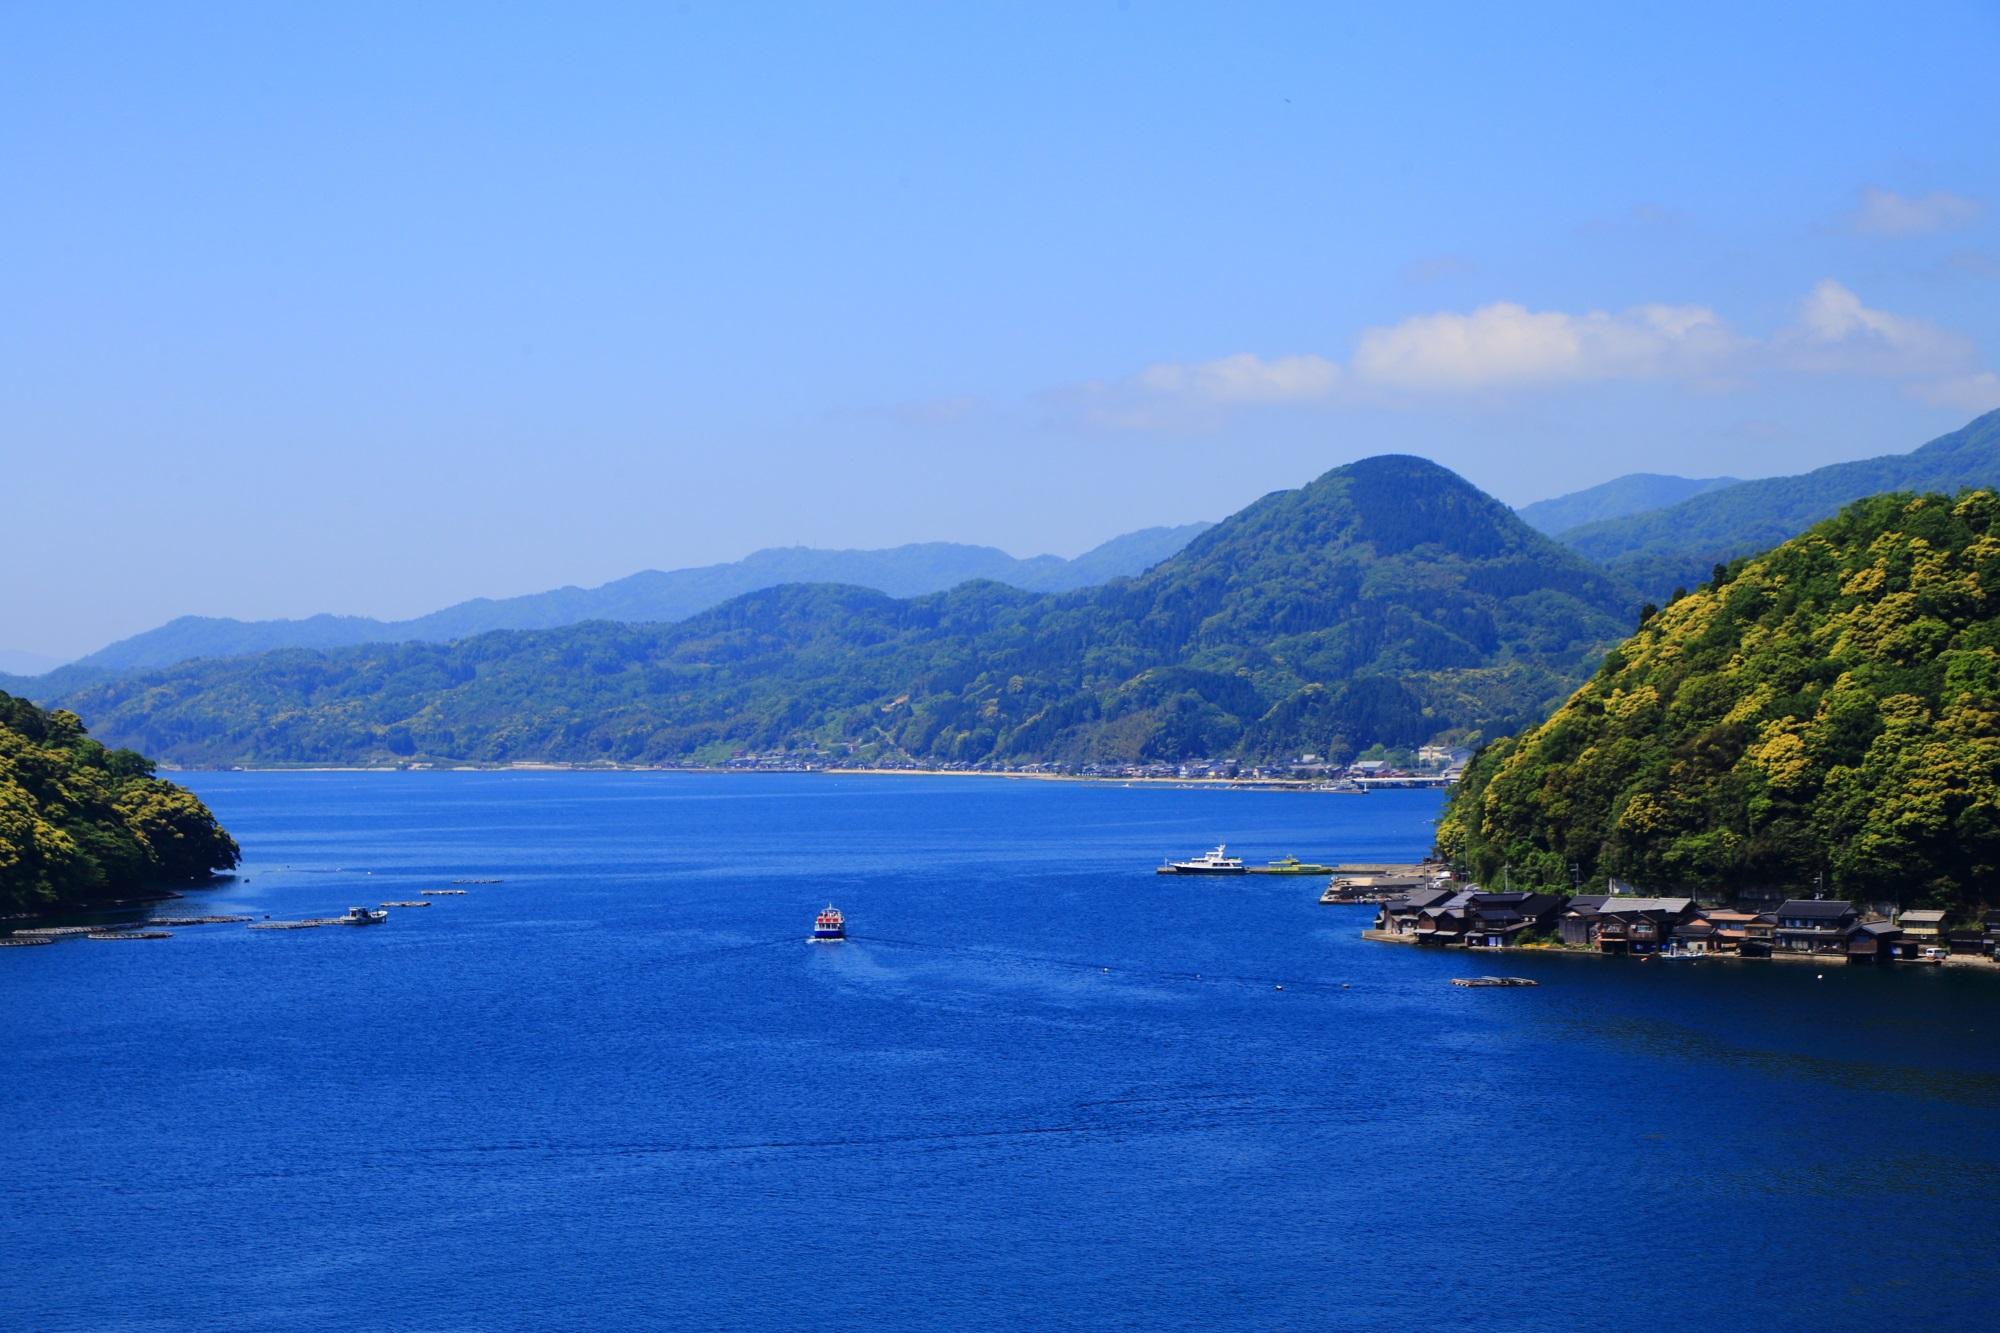 緑の山に囲まれた穏やかな青い海